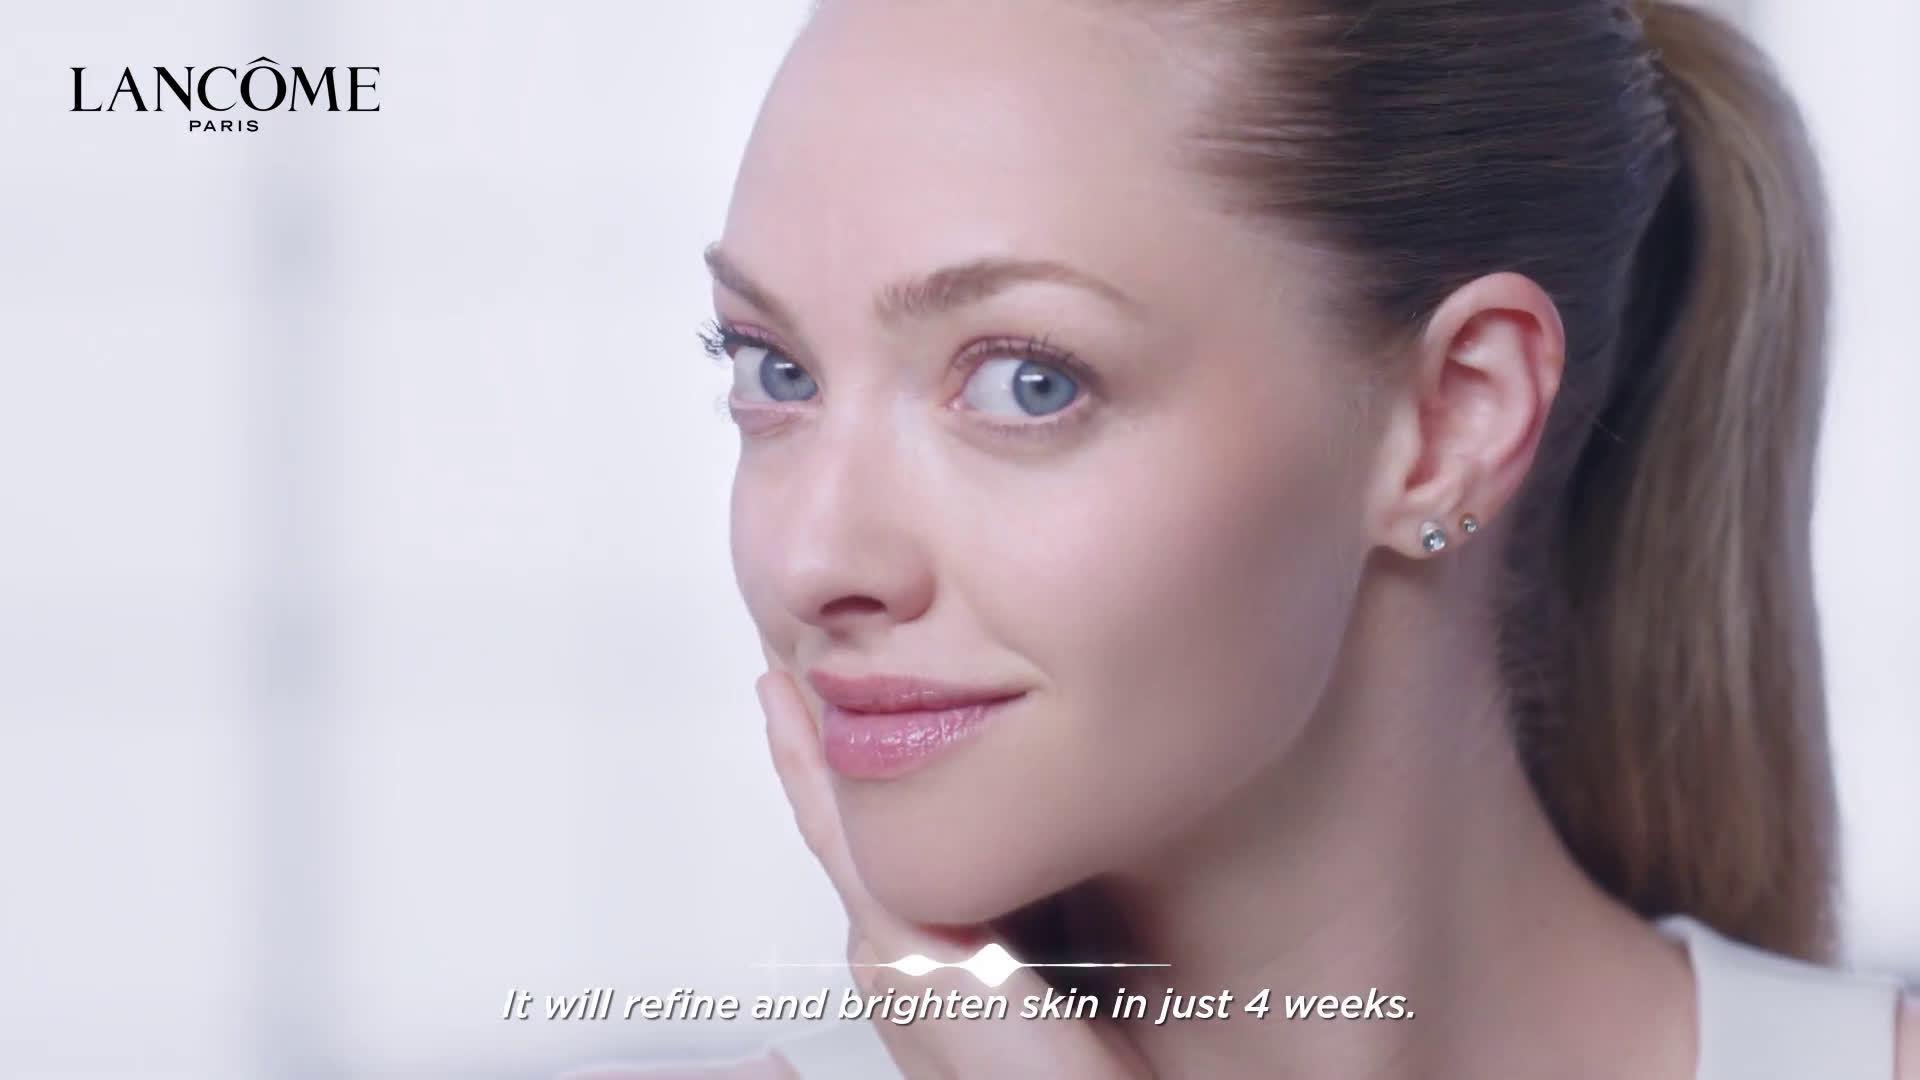 阿曼达塞弗莱德为Lancme的几款护肤品和彩妆拍摄了支使用步骤的宣传